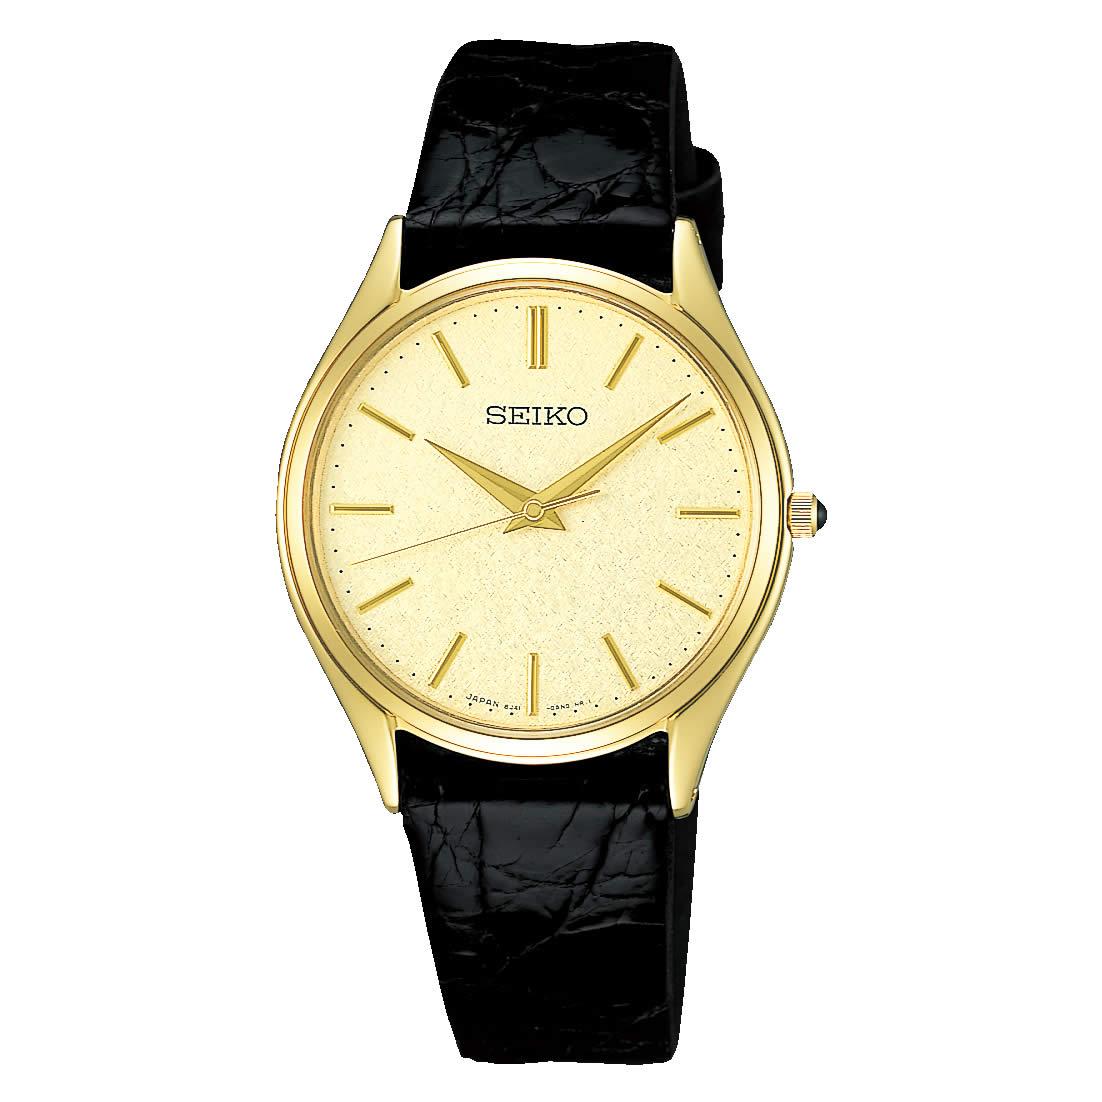 【送料無料】【国内正規品】セイコー ドルチェ SEIKO DOLCE 腕時計 革ベルト SACM150 メンズ 時計 オフィス ペアウォッチ ペア腕時計 レザー ワニ革 ビジネス シンプル 人気 うでどけい とけい WATCH 時計【取り寄せ】